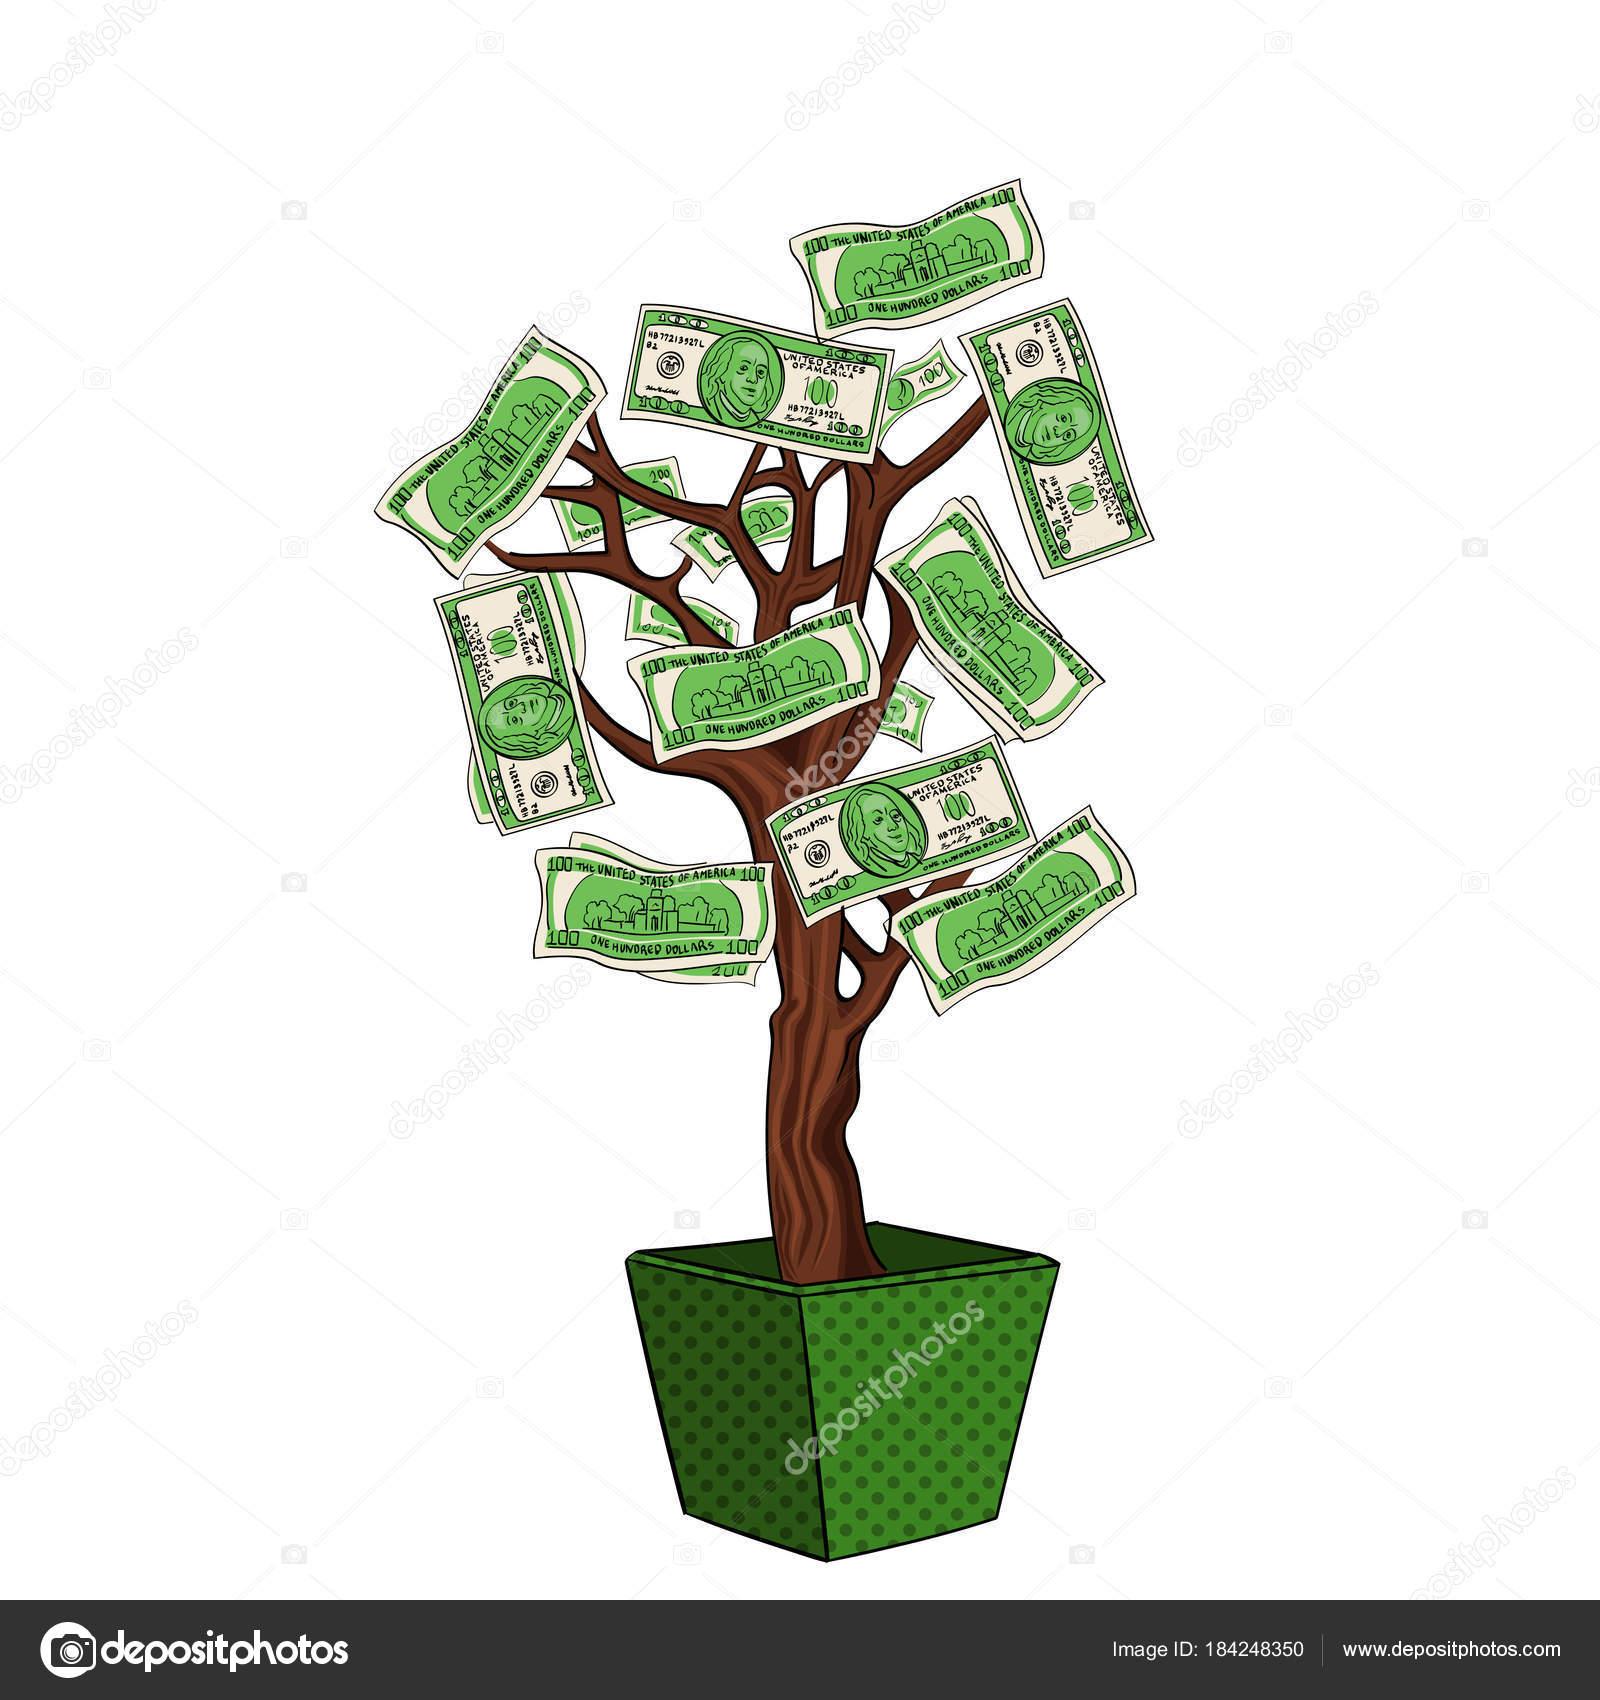 509f0eaab70 Árvore do dinheiro com 100 dólares. Moeda na planta. O negócio está a  crescer